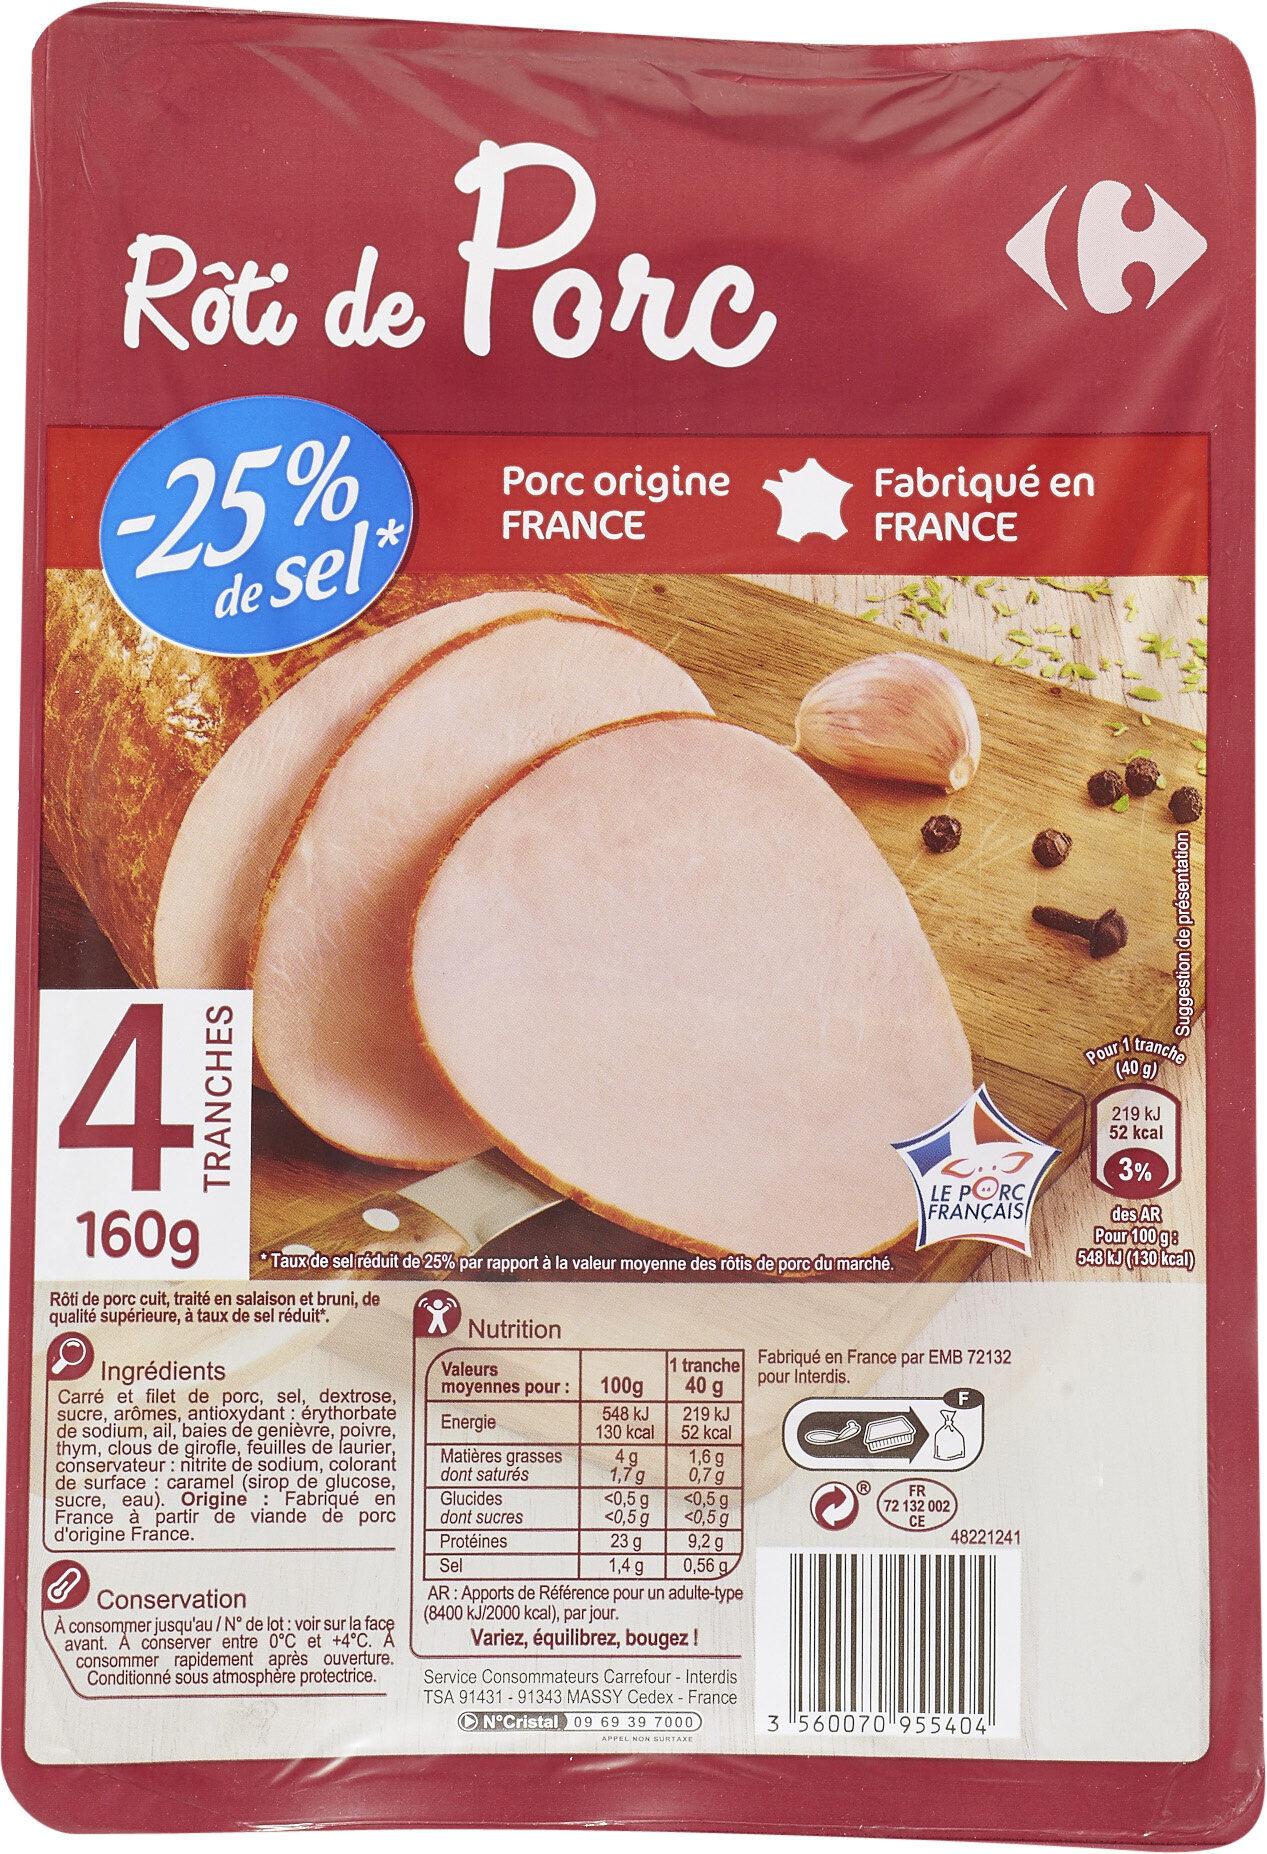 Rôti de porc -25% de sel - Product - fr